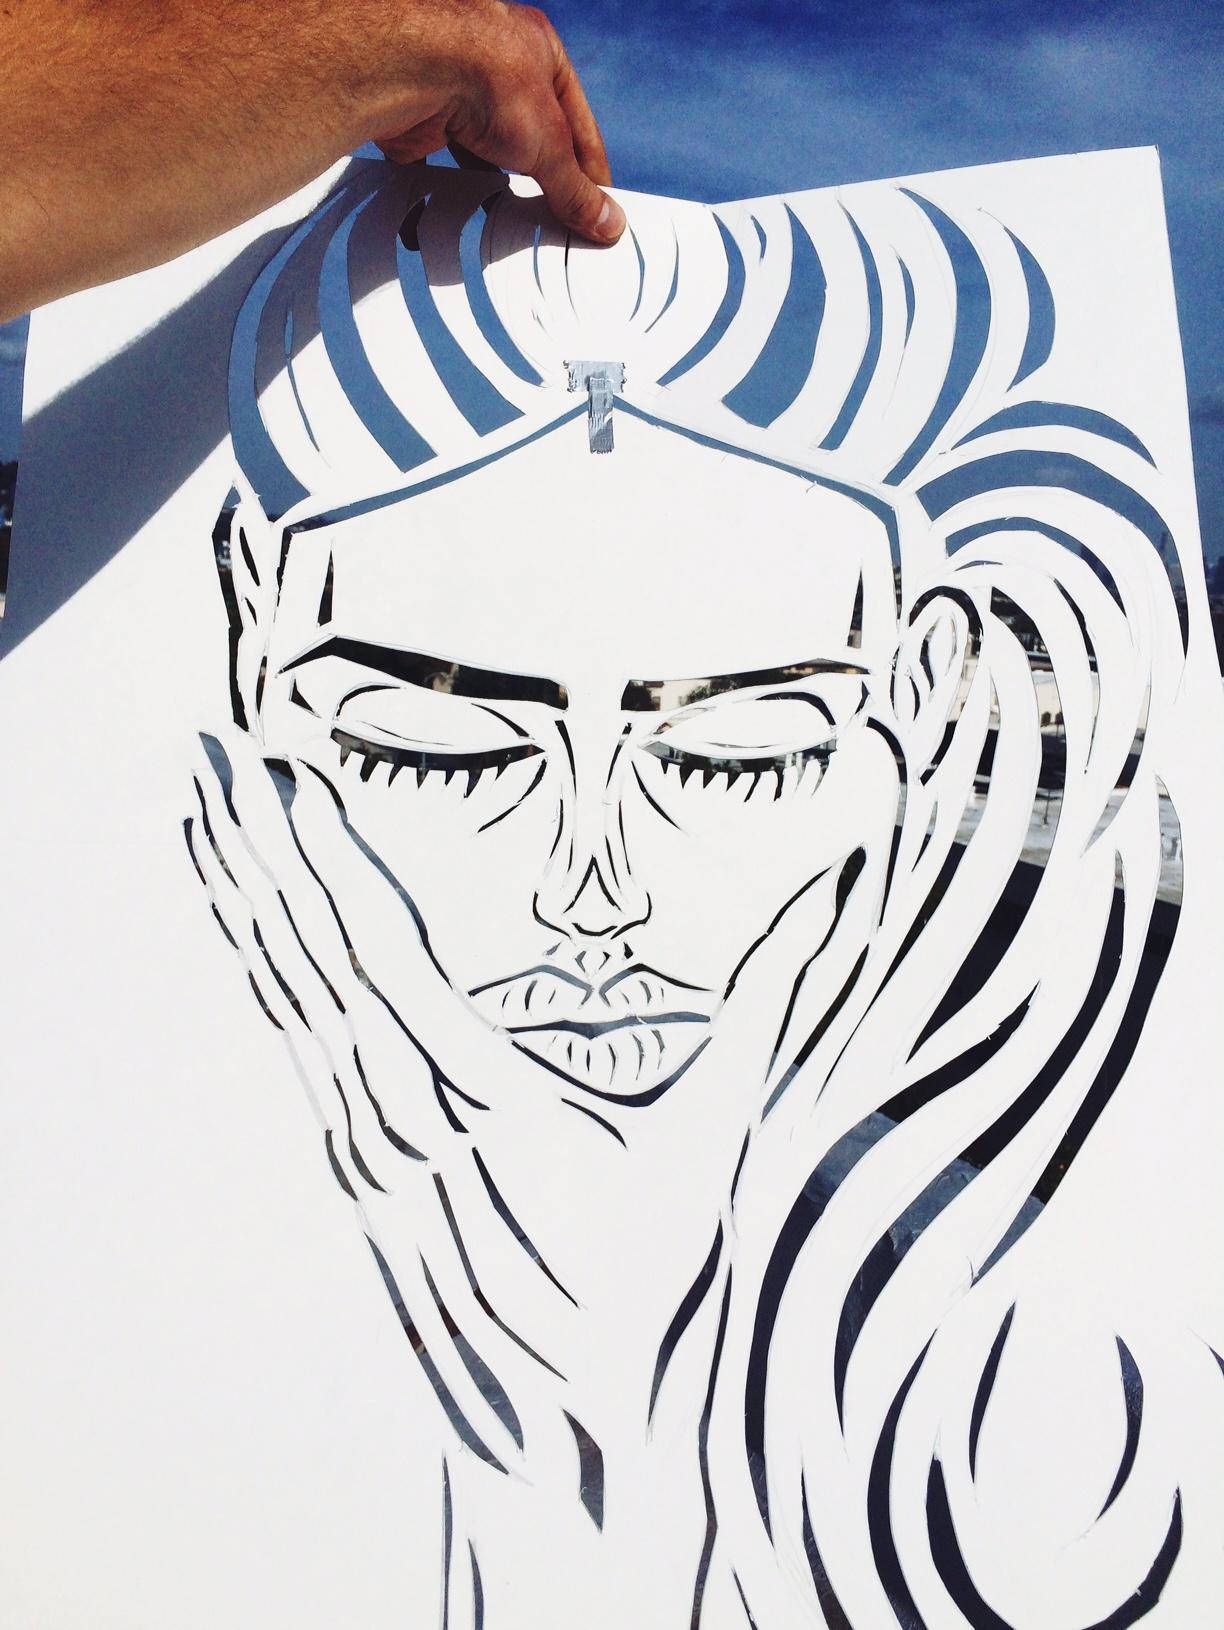 Stencil #1